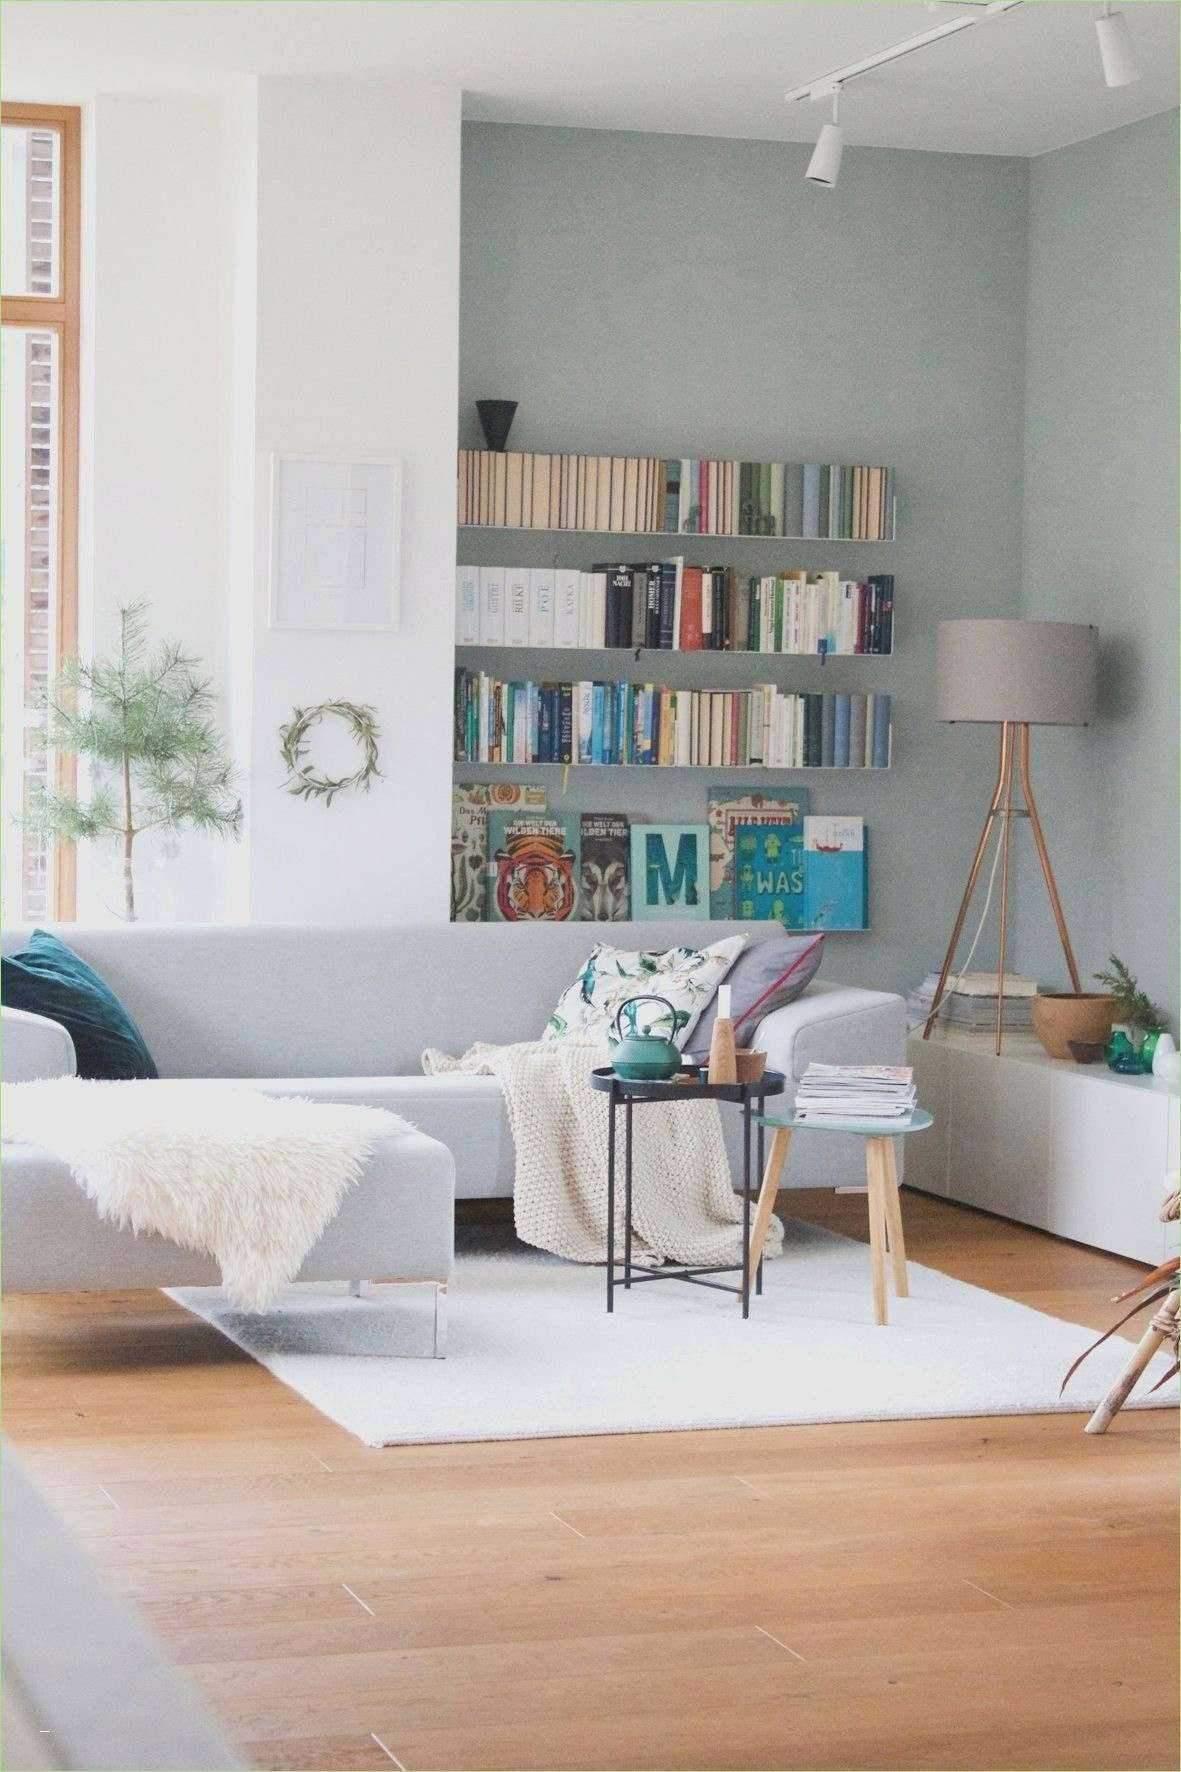 wohnzimmer neu gestalten vorher nachher frisch decken dekoration wohnzimmer frisch couch decke 0d archives of wohnzimmer neu gestalten vorher nachher